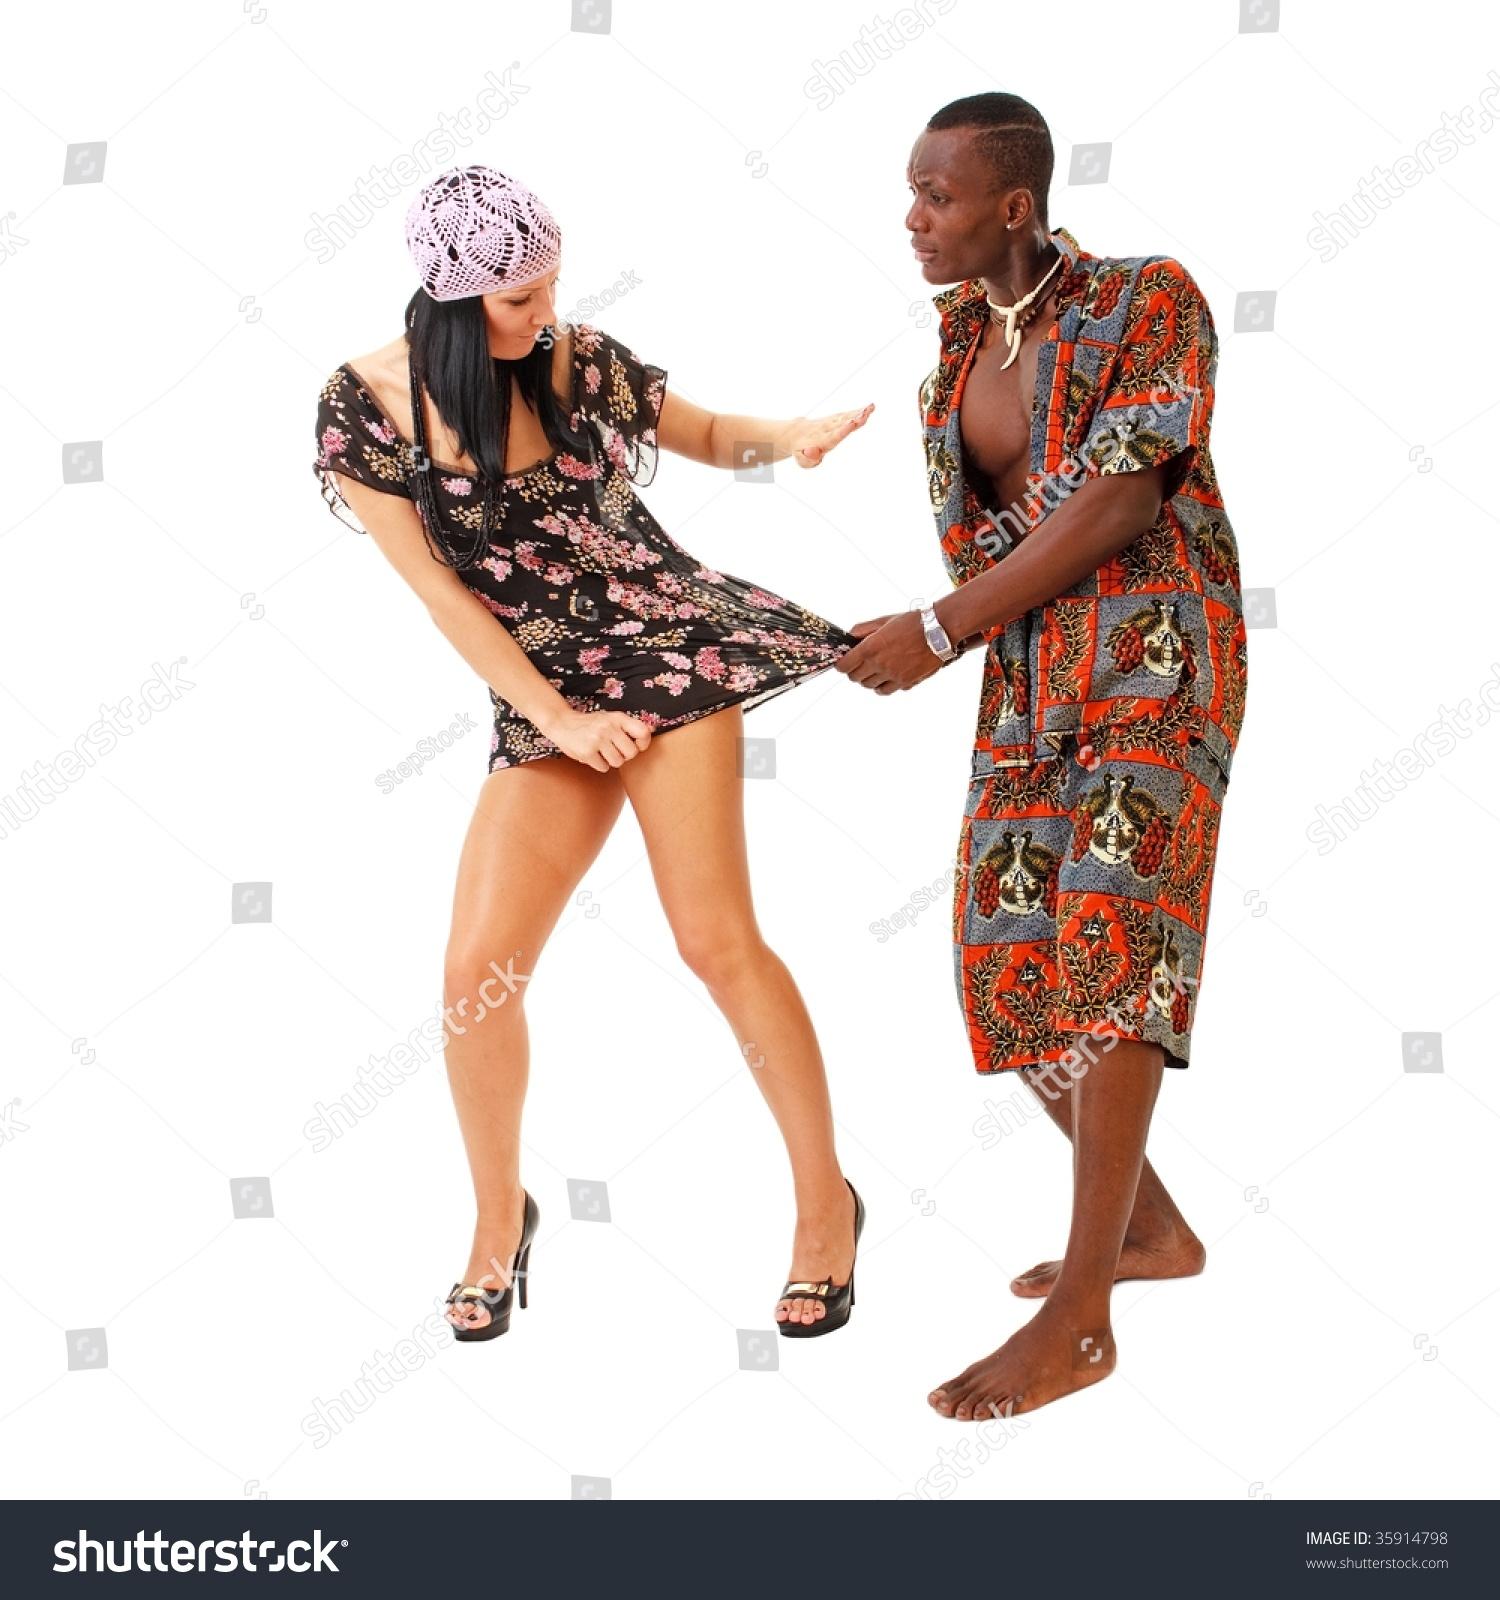 Female in intercourse male photograph sex